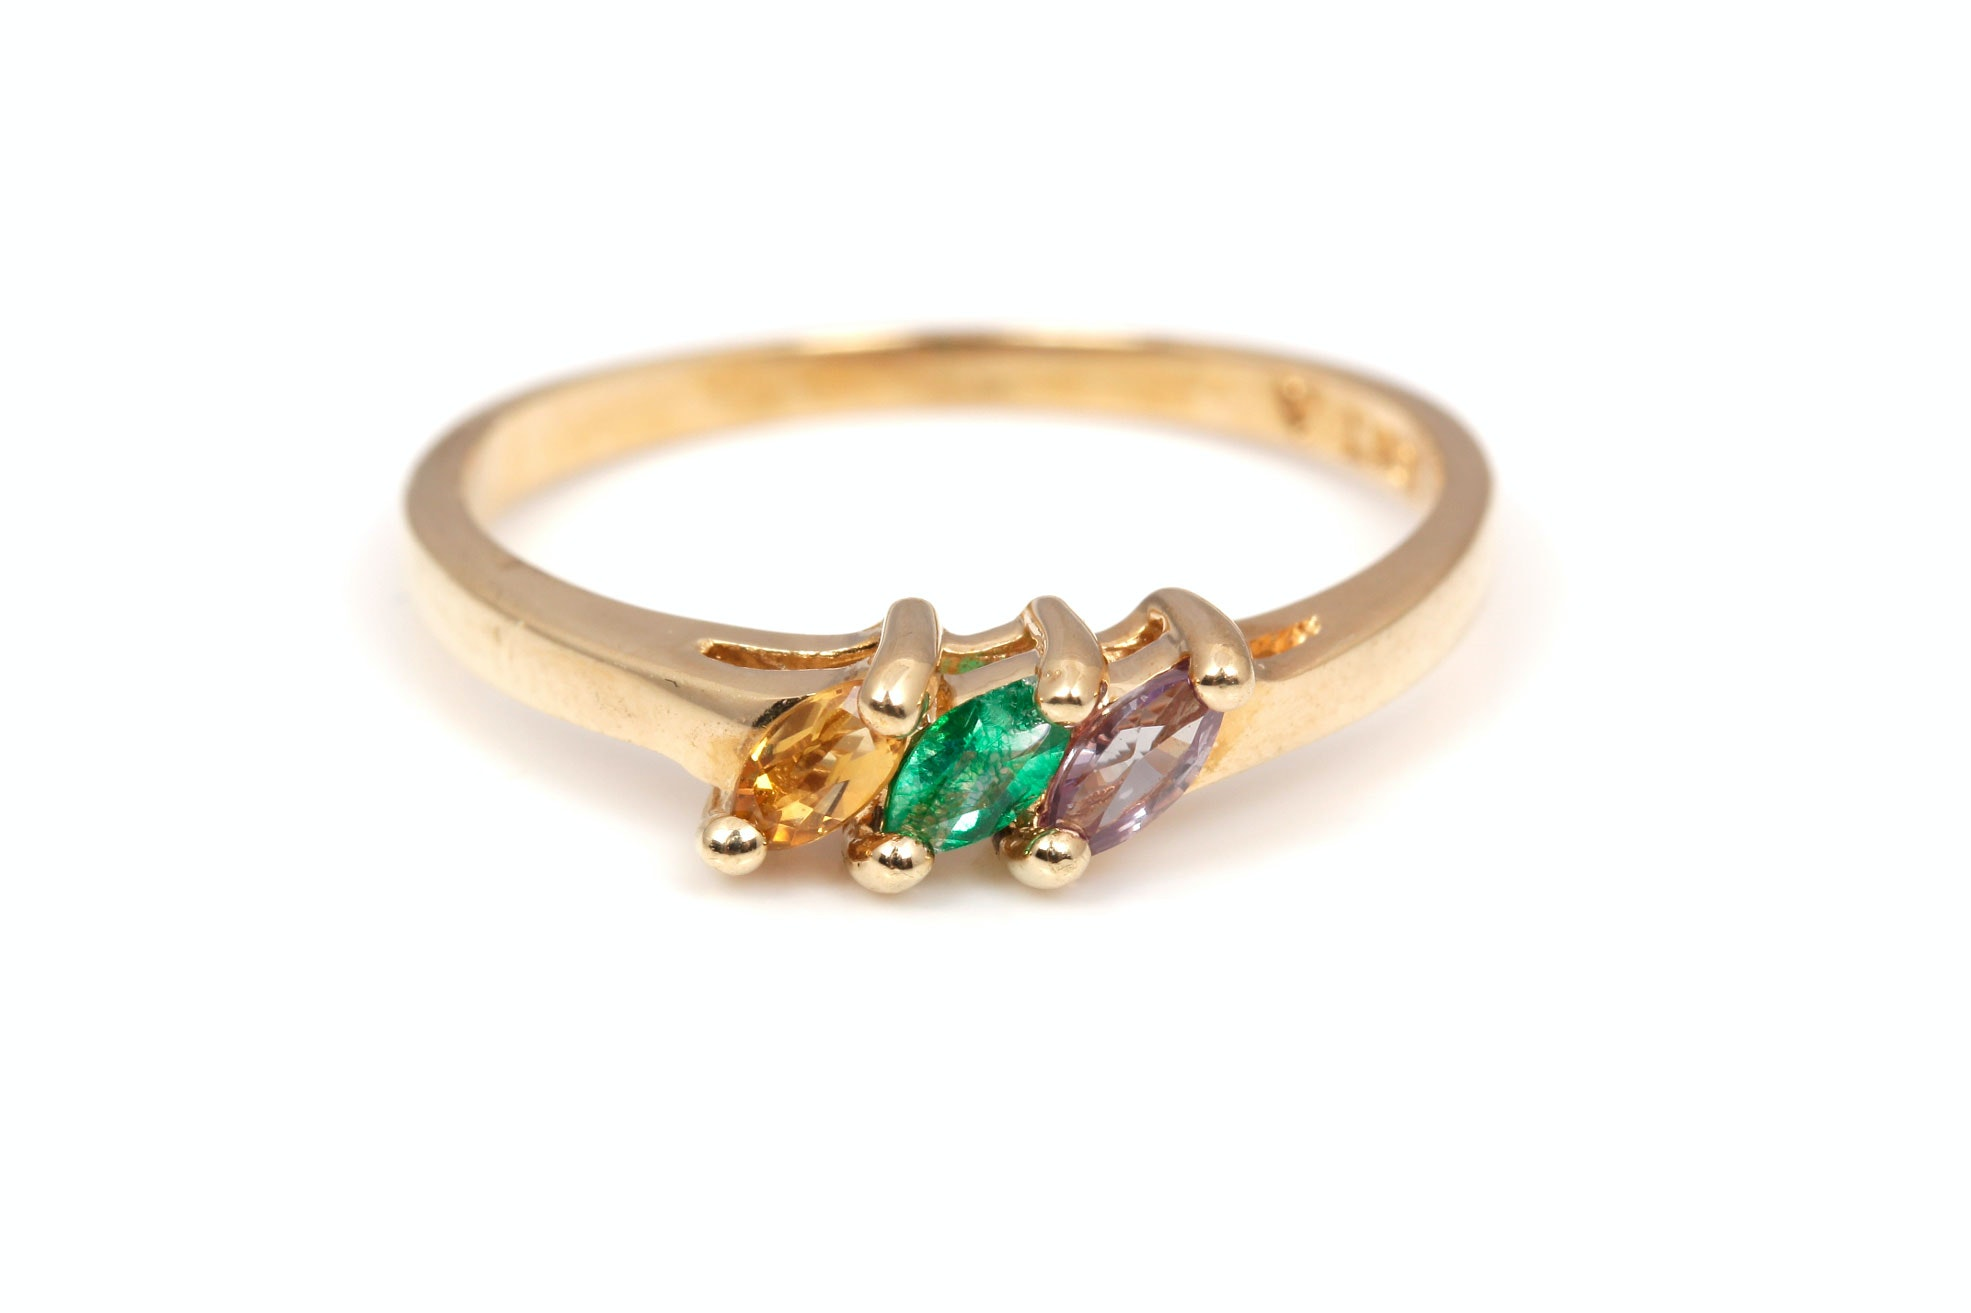 10K Yellow Gold Gemstone Ring